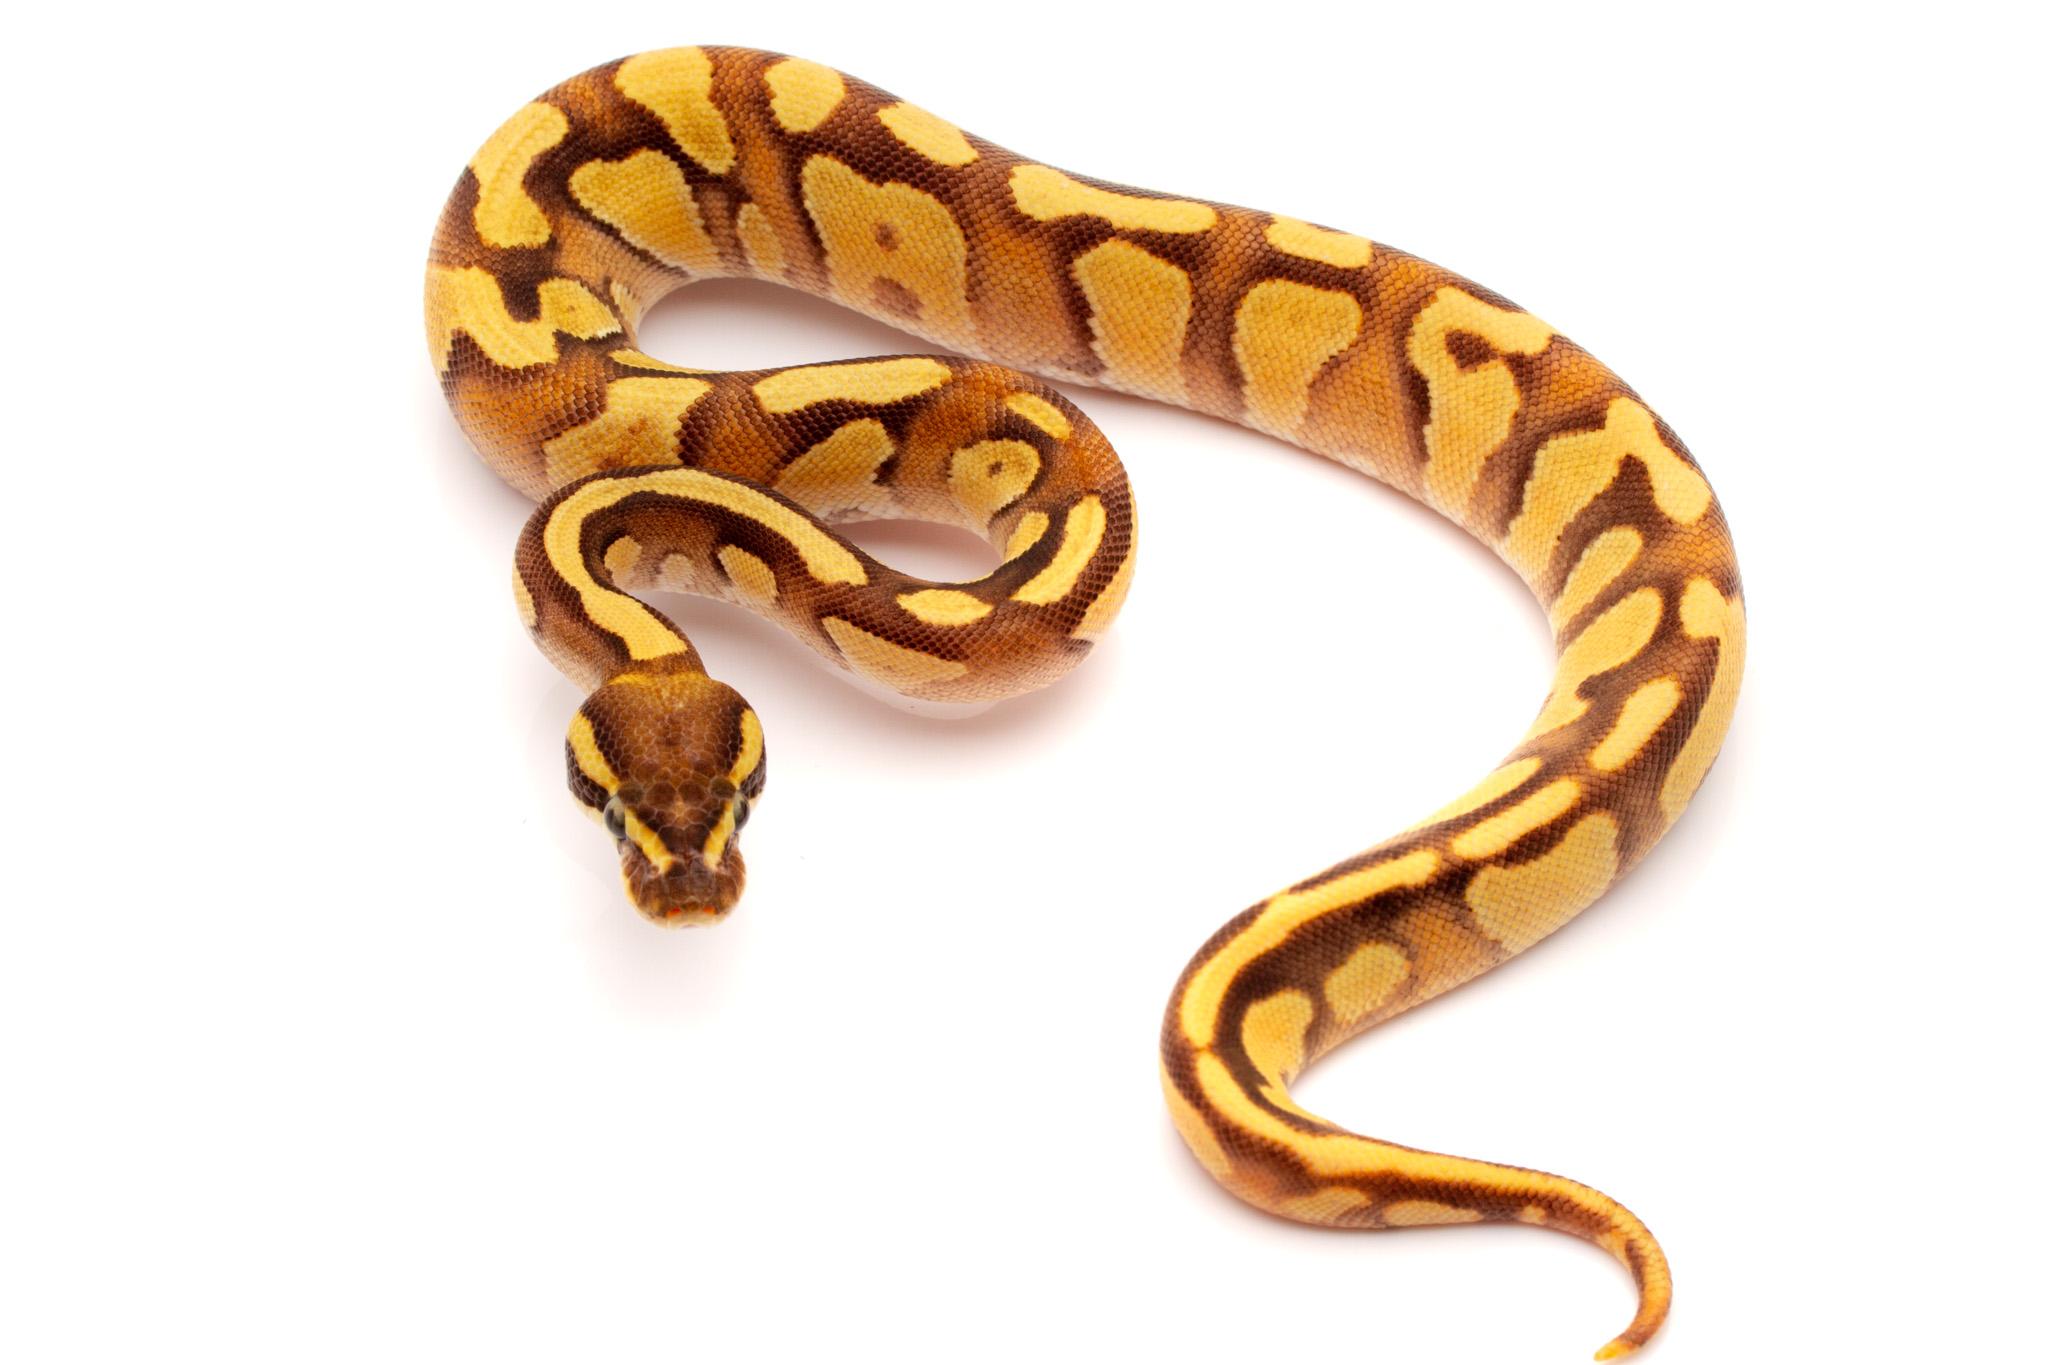 Enchi fire phantom ball python for sale